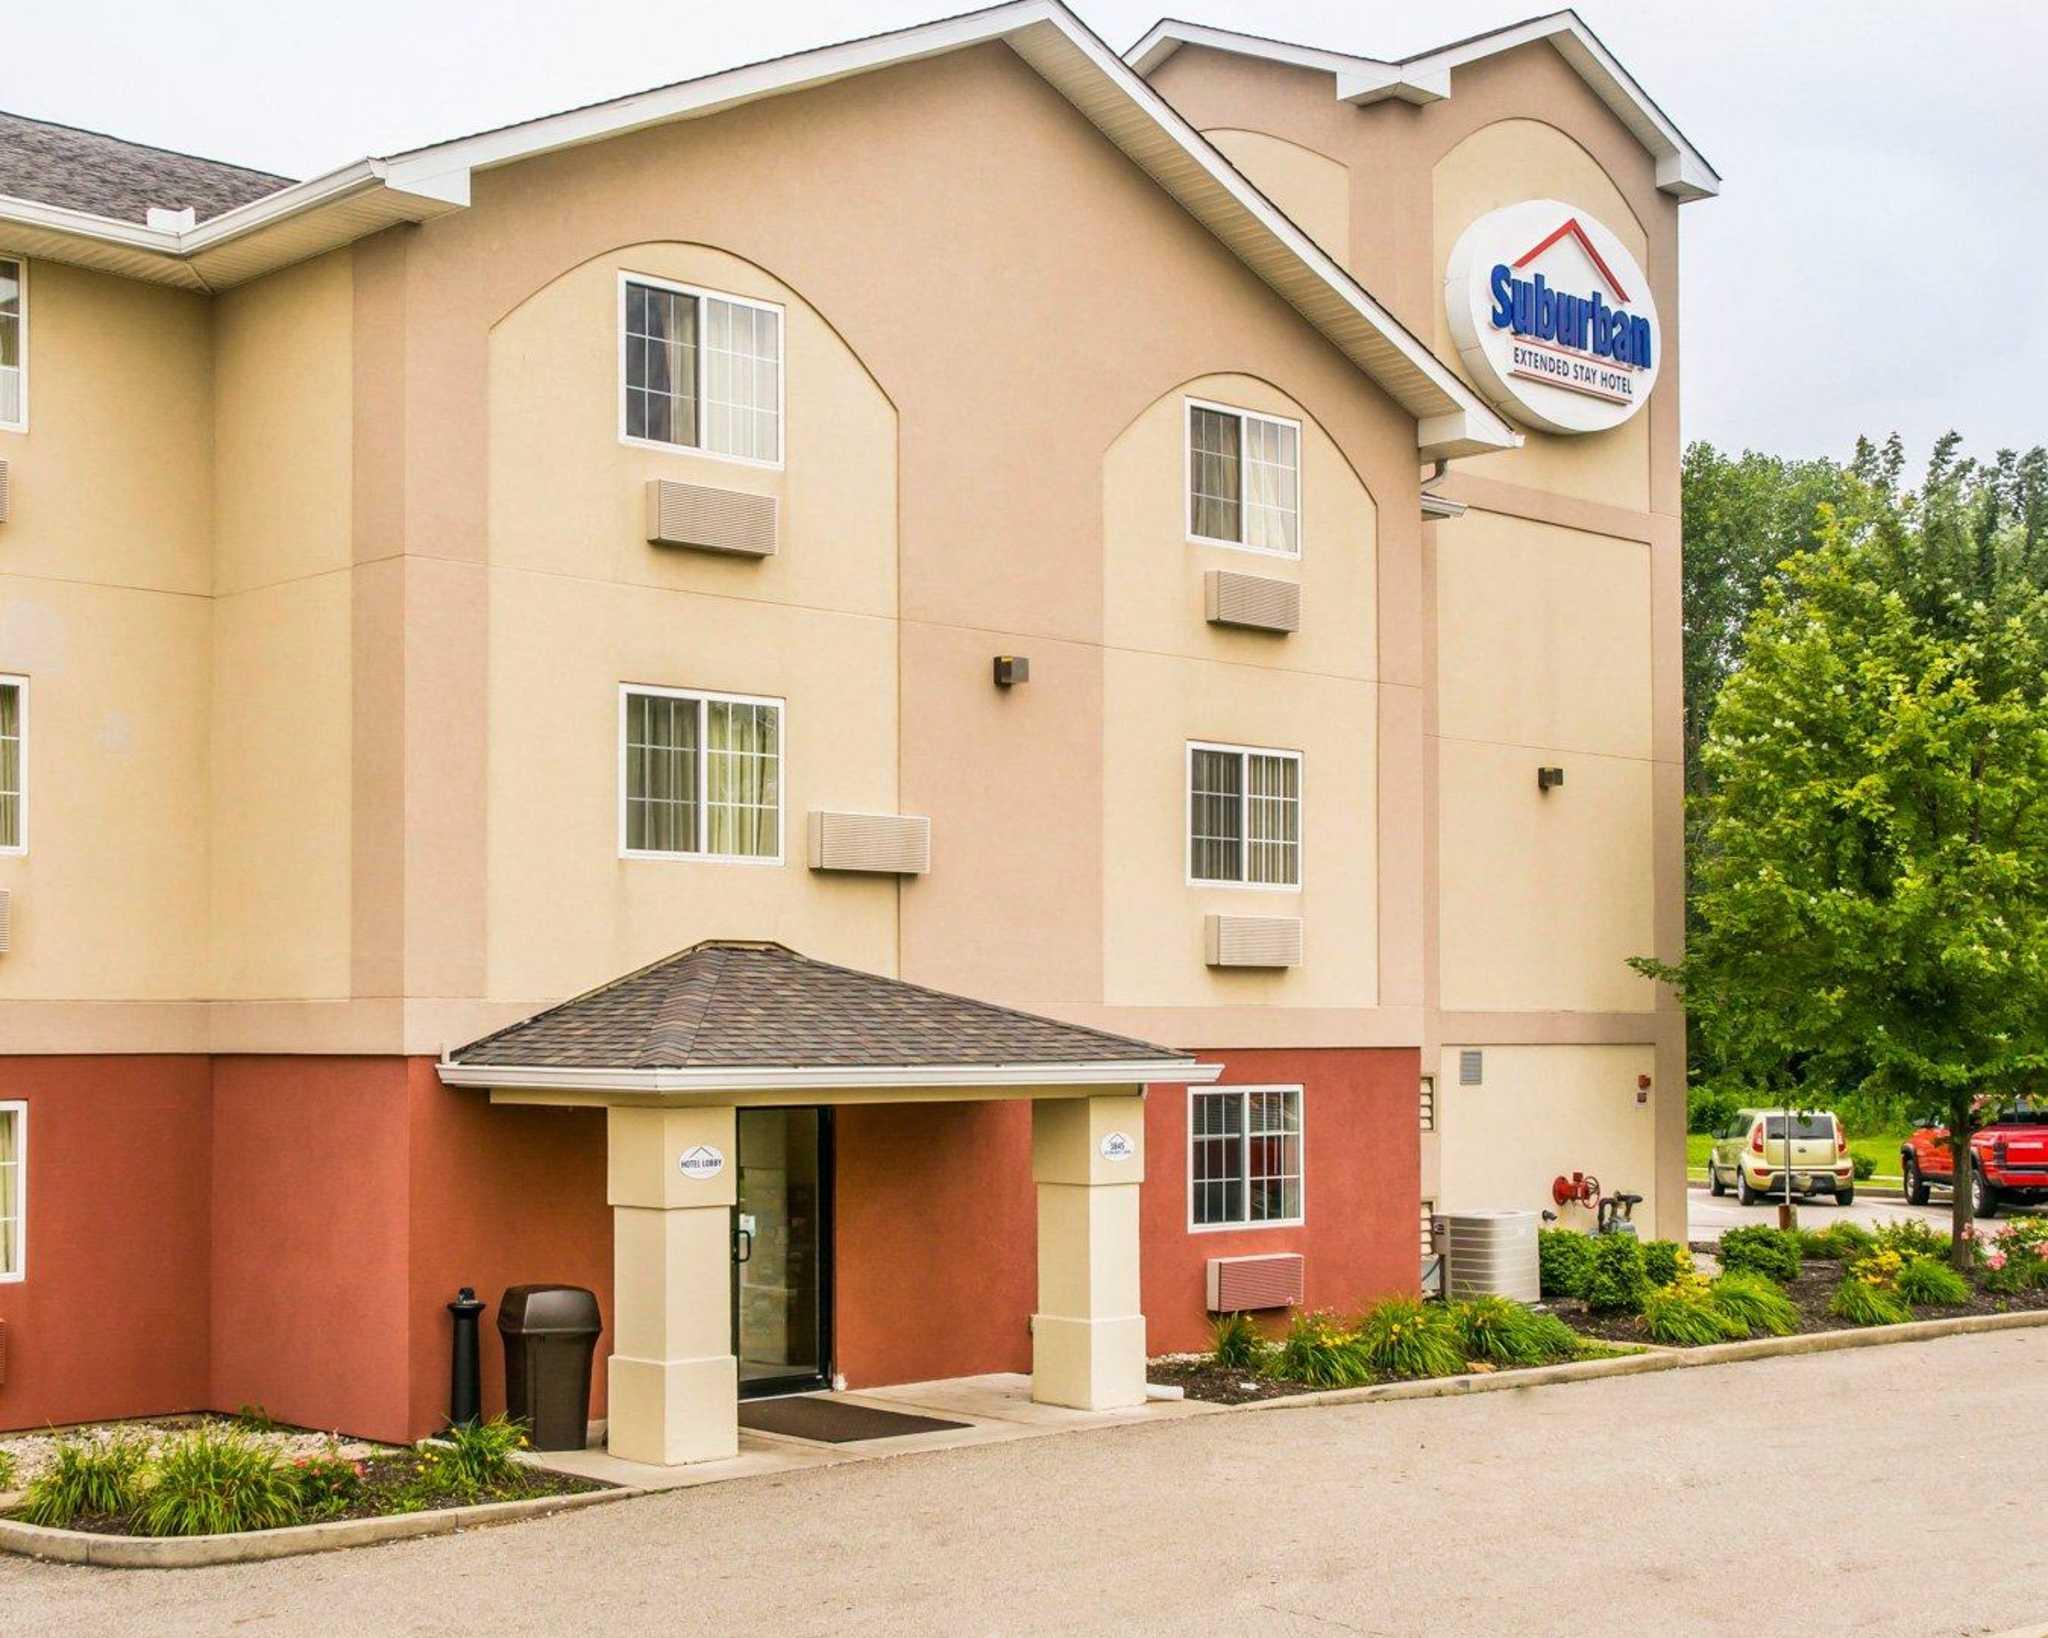 Suburban Extended Stay Hotel Dayton-WP AFB image 1